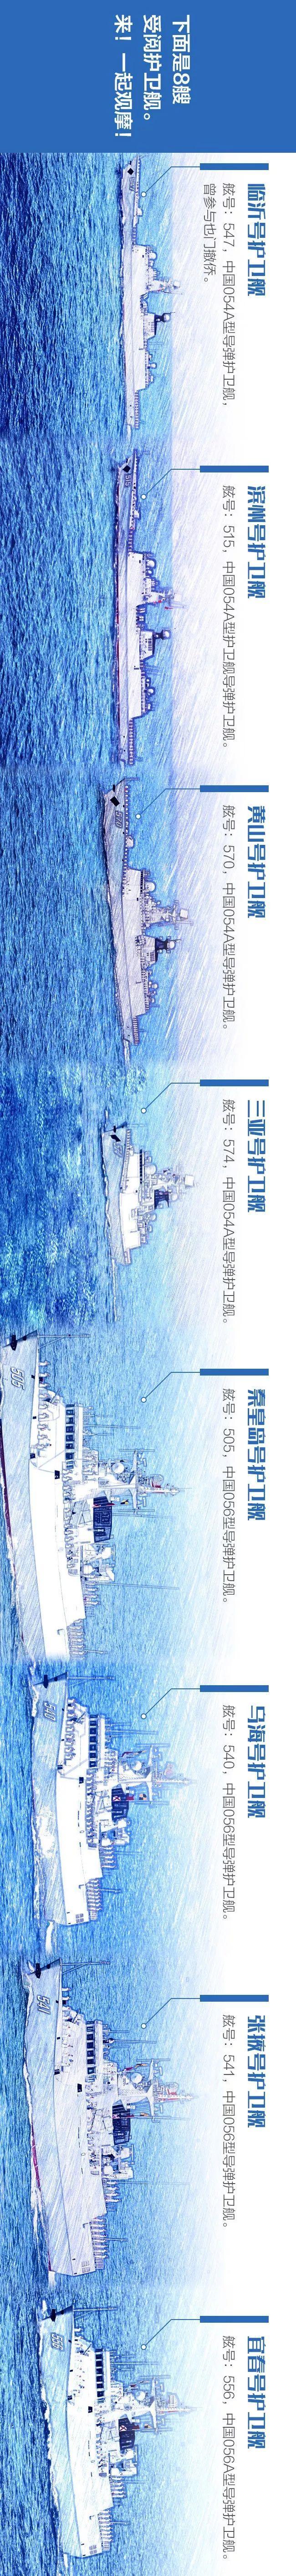 海上大阅兵 新华社手绘长图来了!-广西新闻网